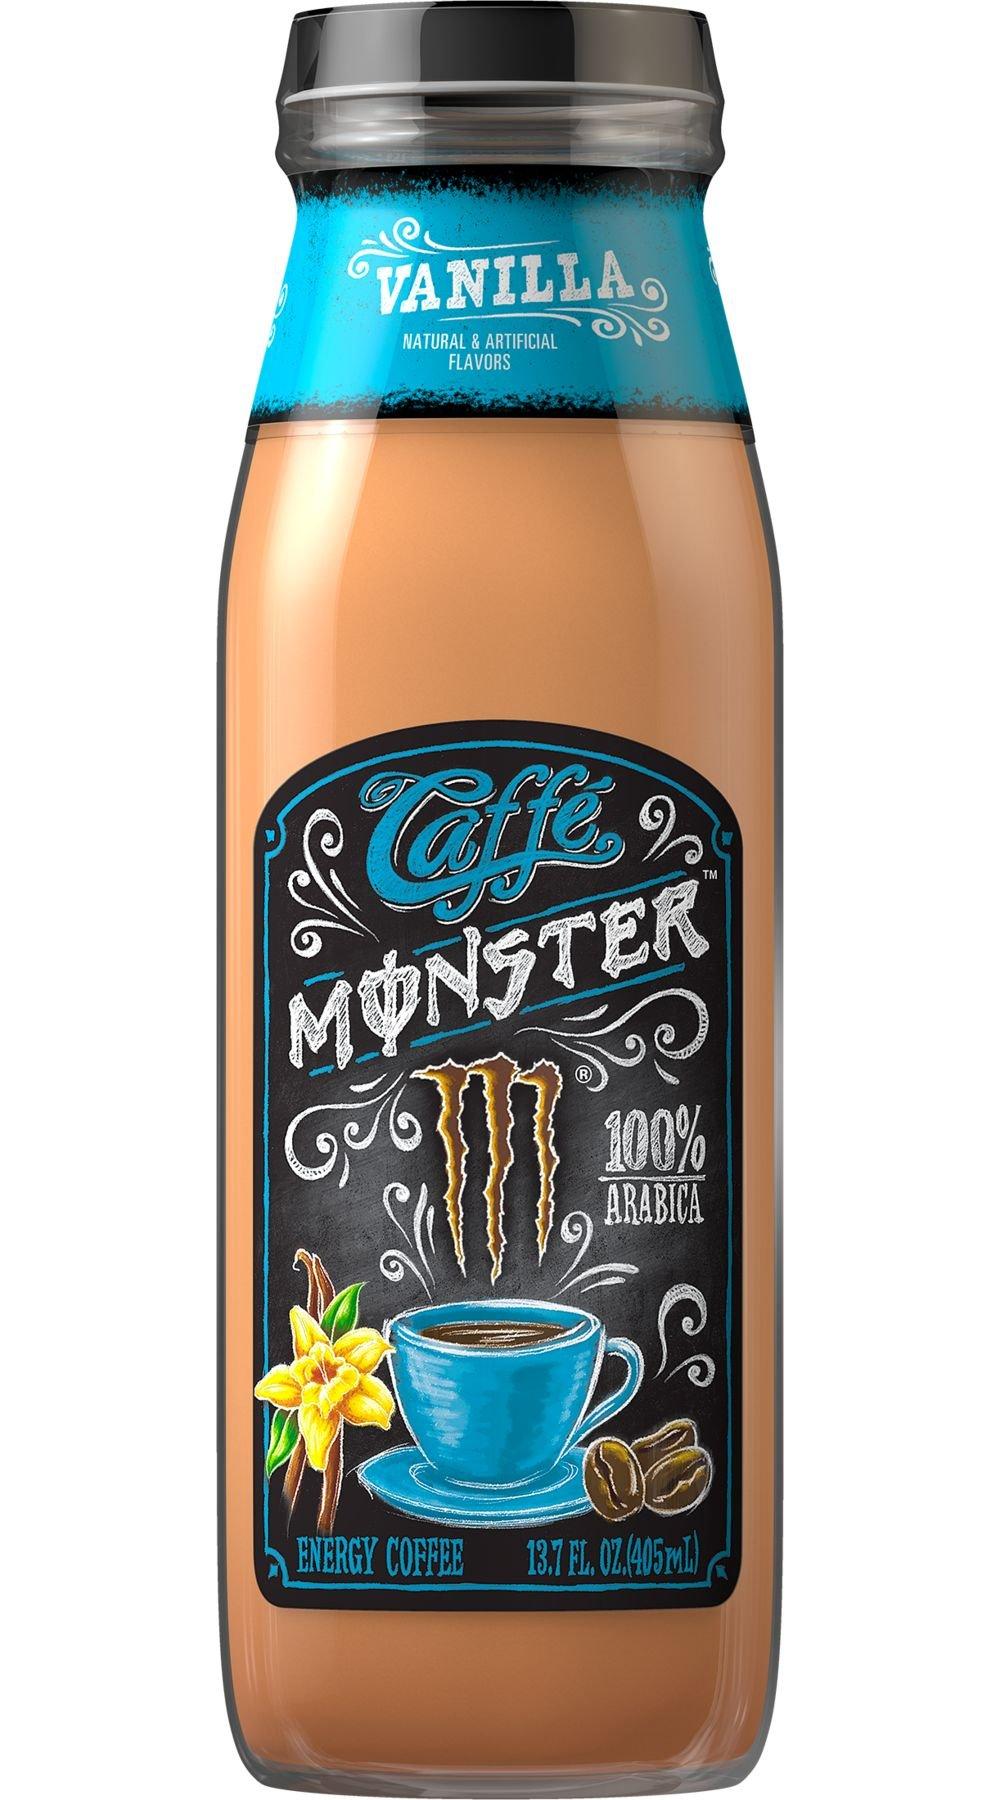 Monster Caffe Vanilla 13.7 oz Bottles - Pack of 12